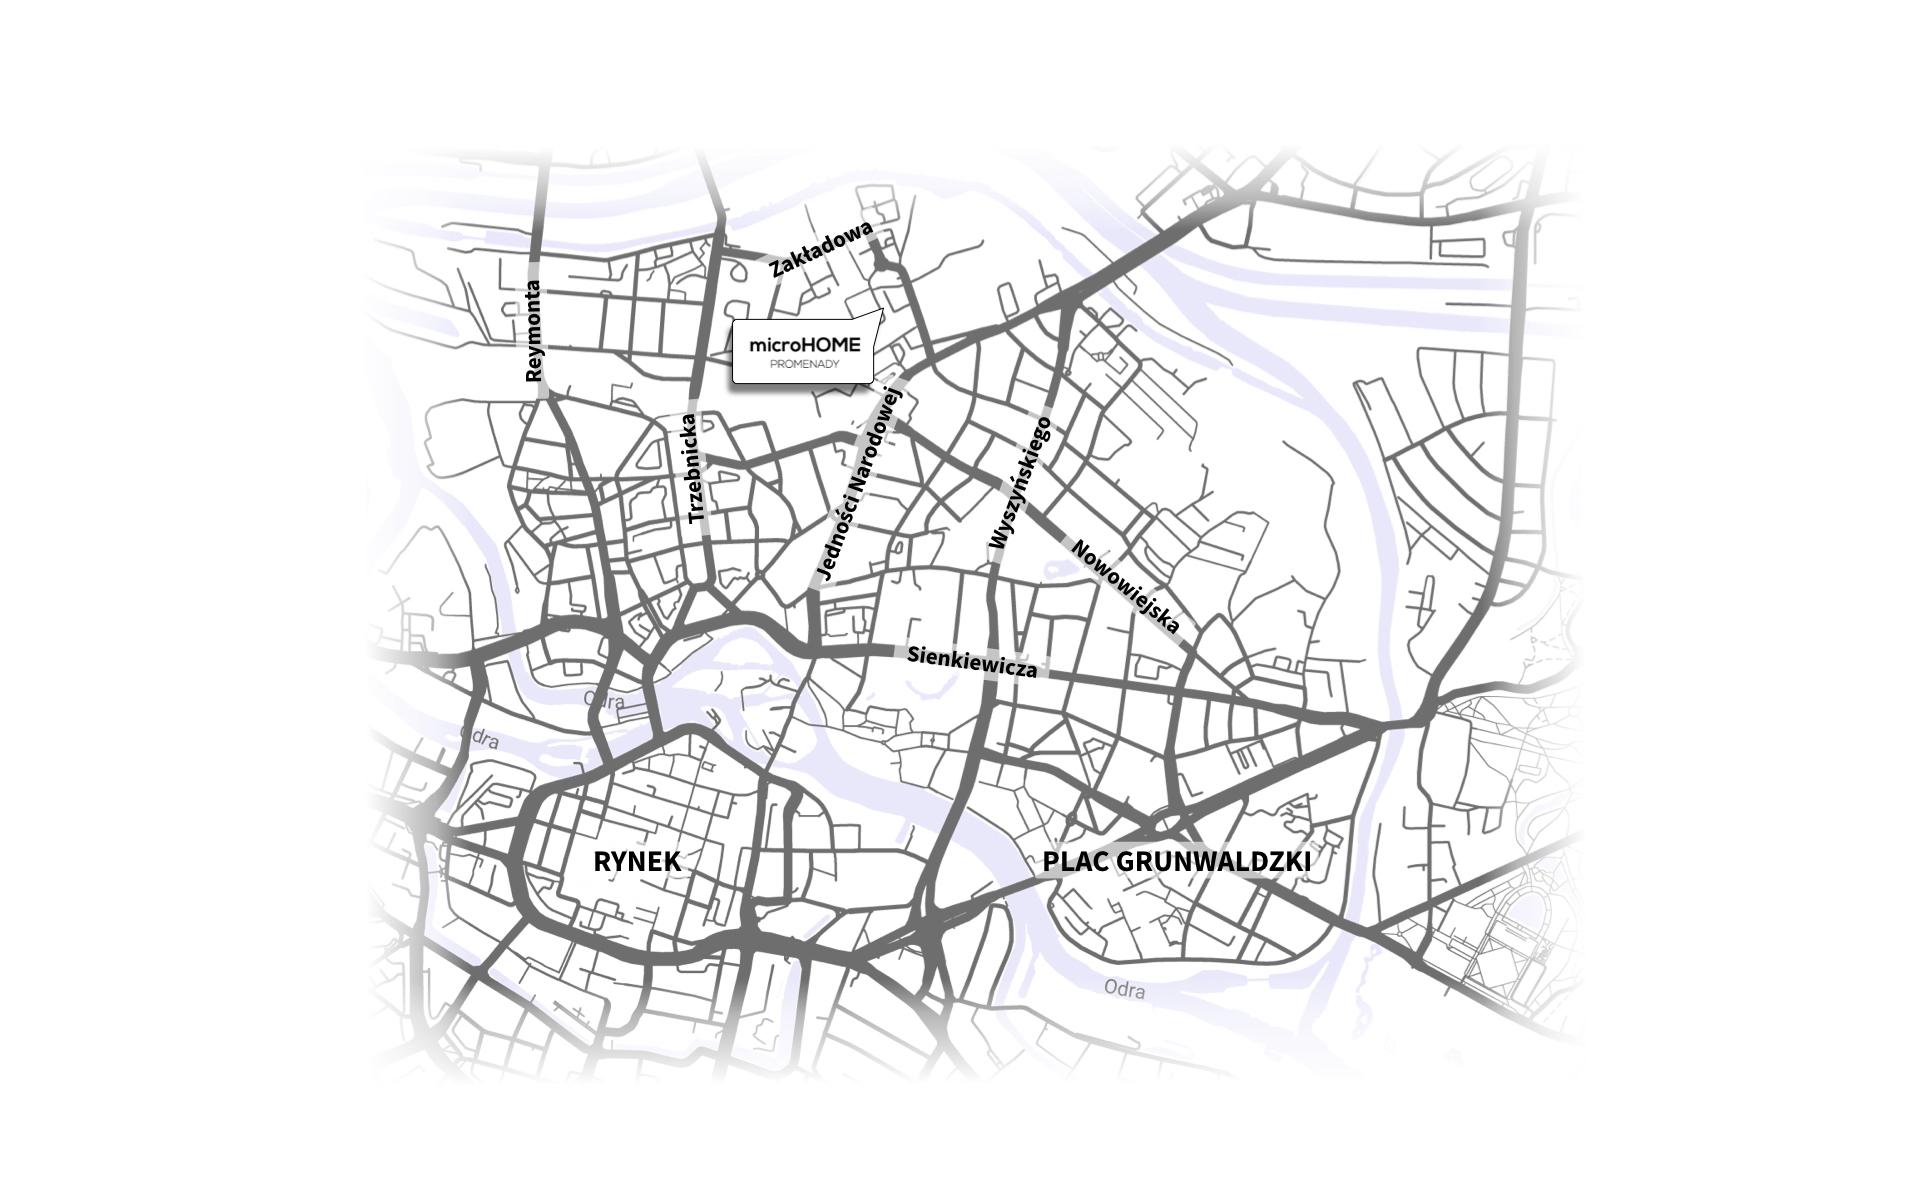 microHOME-mikroapartamenty-Wroclaw-Dom-Developer-mapa